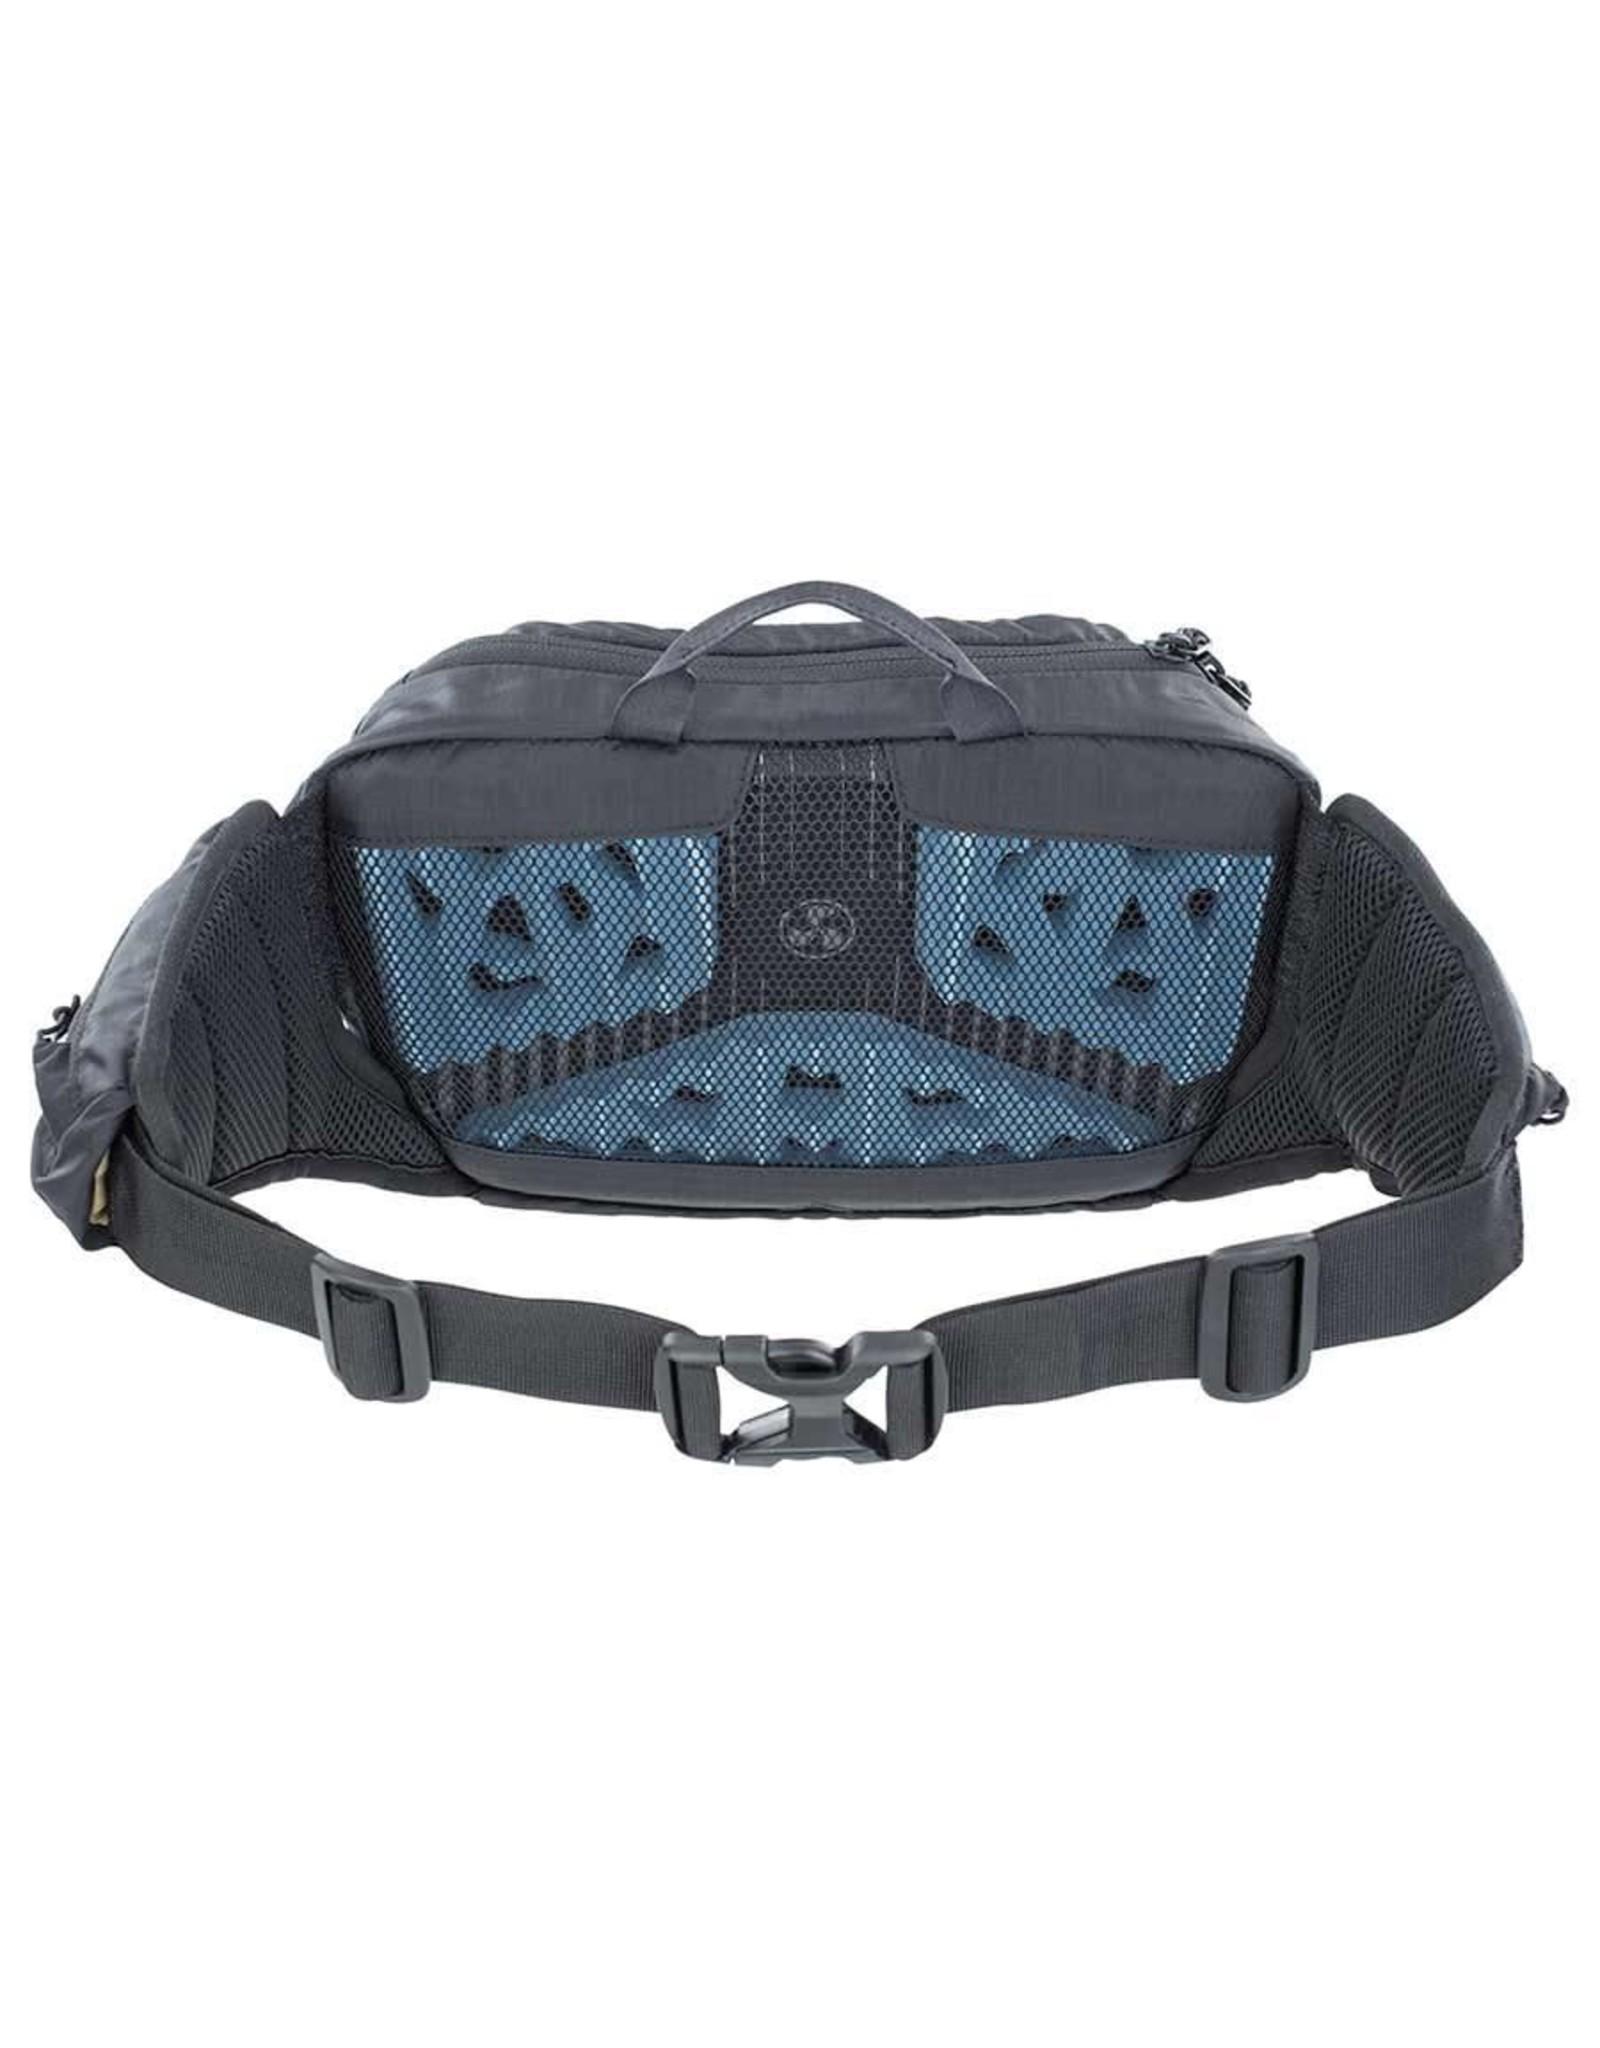 Evoc Sac de taille Evoc Hip Pack 3L +réservoir 1.5L